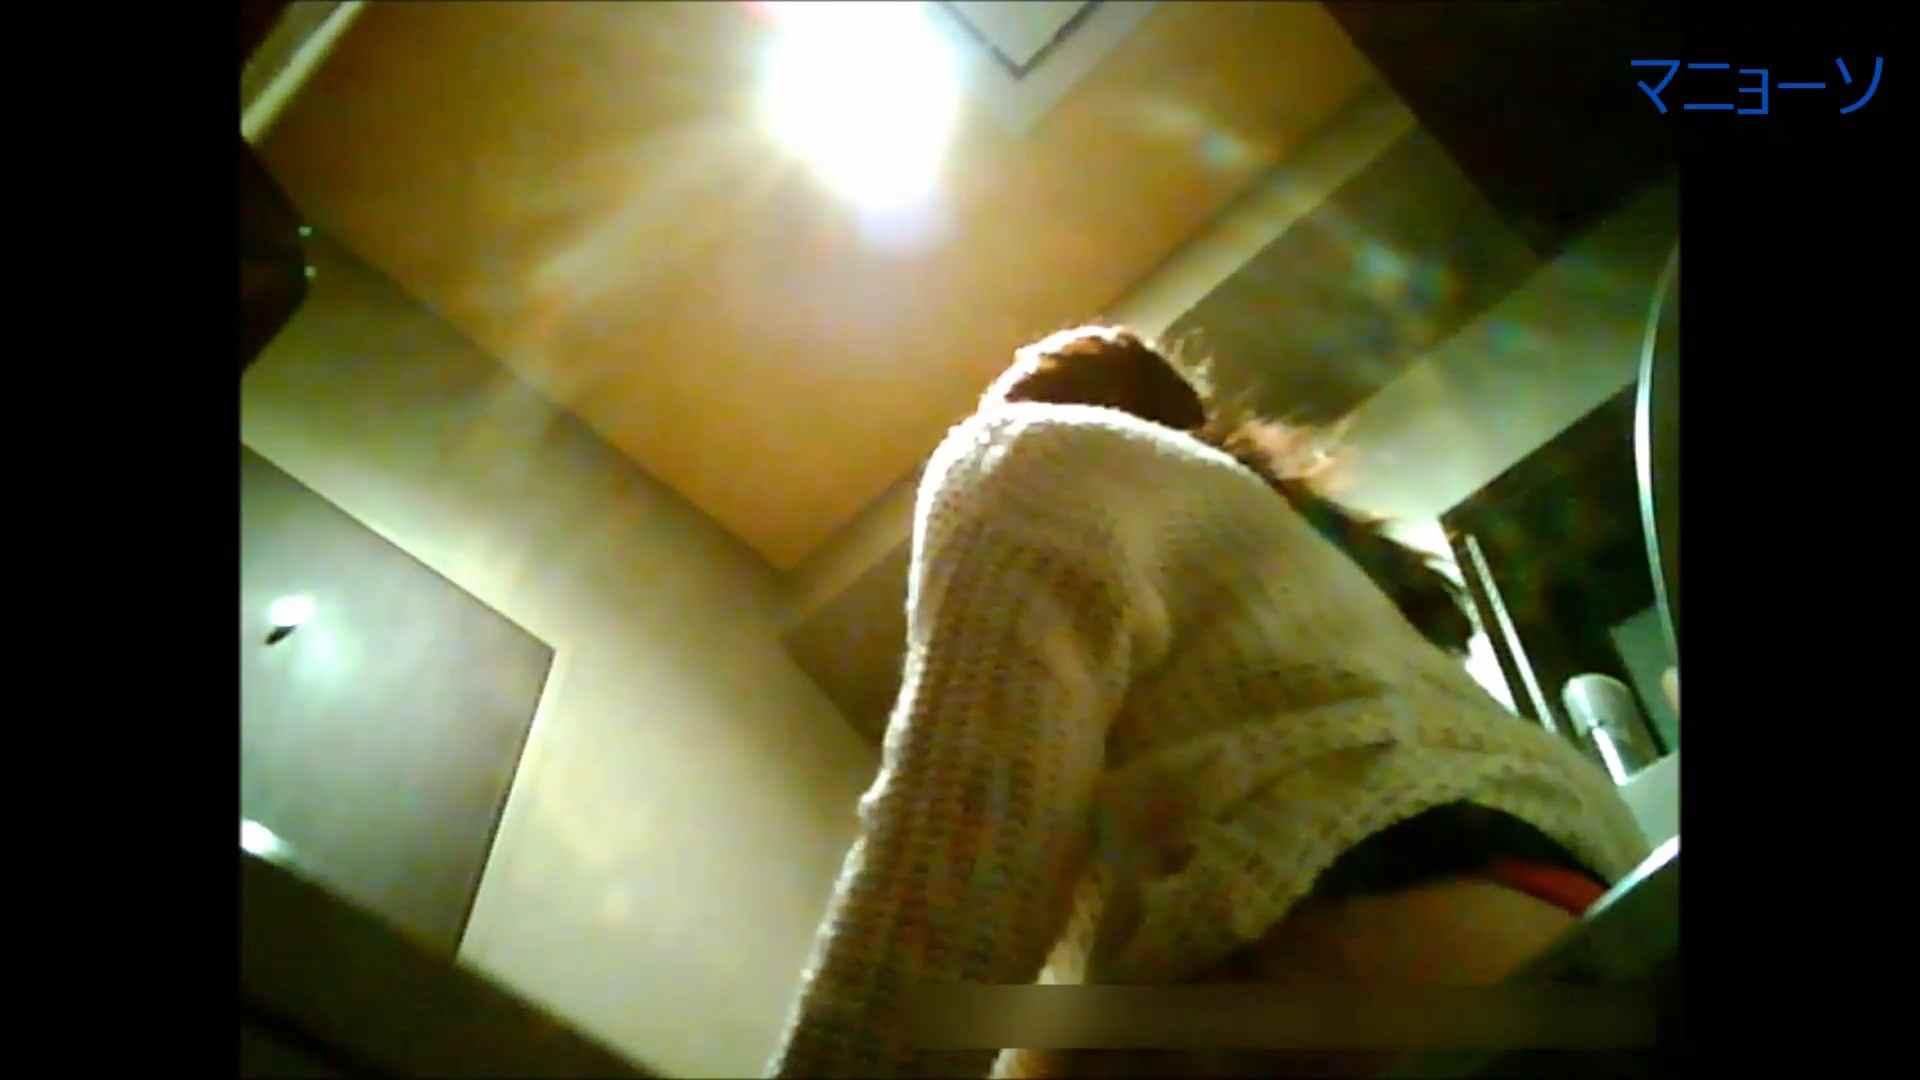 トイレでひと肌脱いでもらいました (JD編)Vol.02 トイレ中の女子達 | エッチすぎるOL達  106連発 11